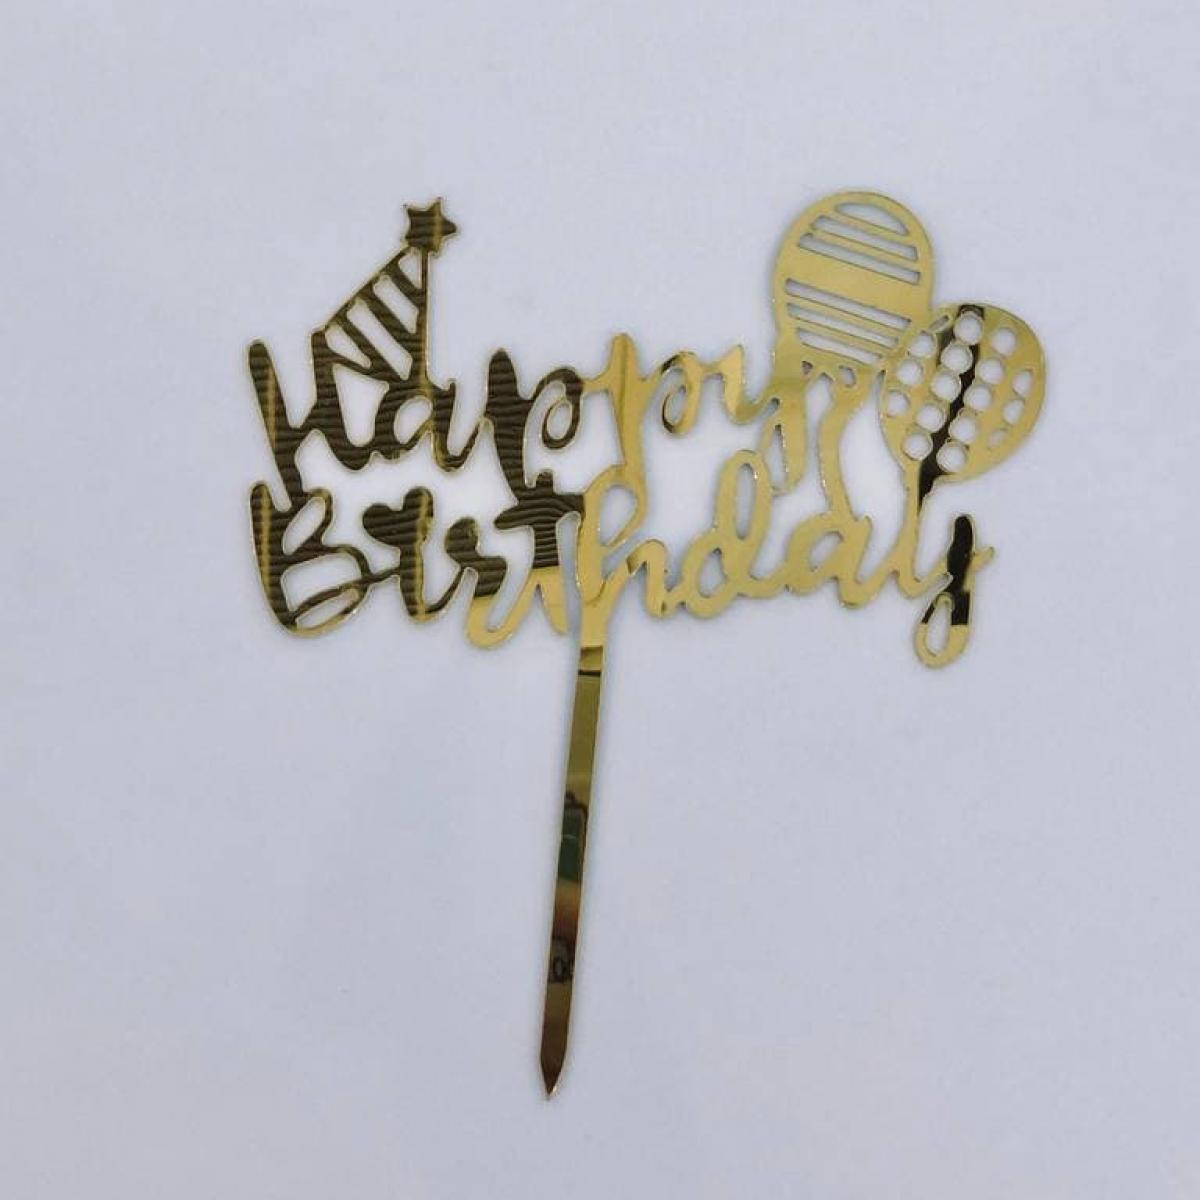 TOPPER HAPPY BIRTHDAY (BALLOON) - RARA KITCHY